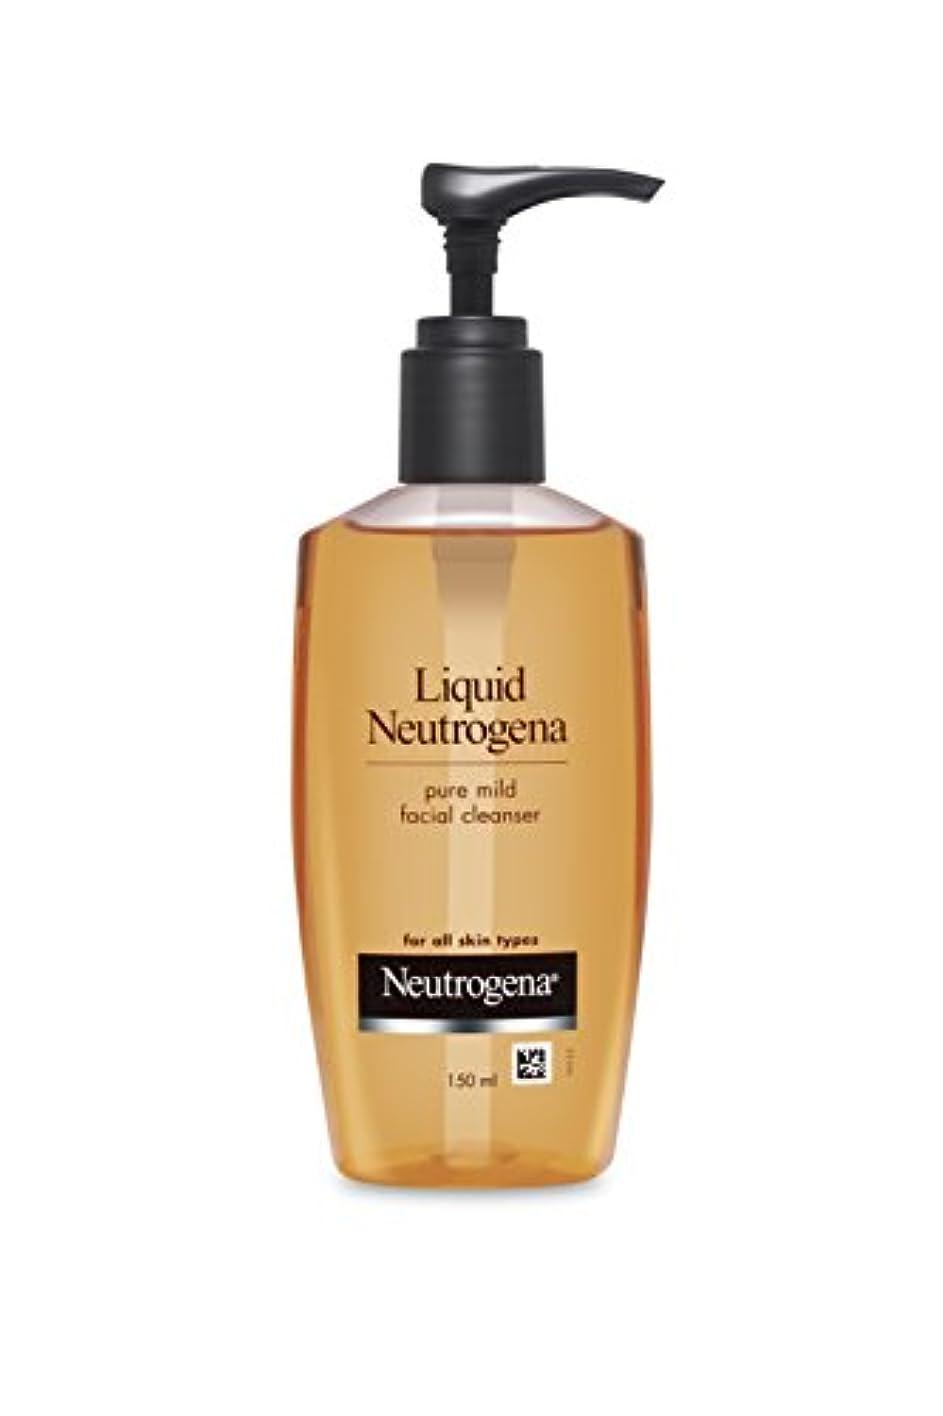 鰐テセウス感謝祭Liquid Neutrogena (Mild Facial Cleanser), 150ml